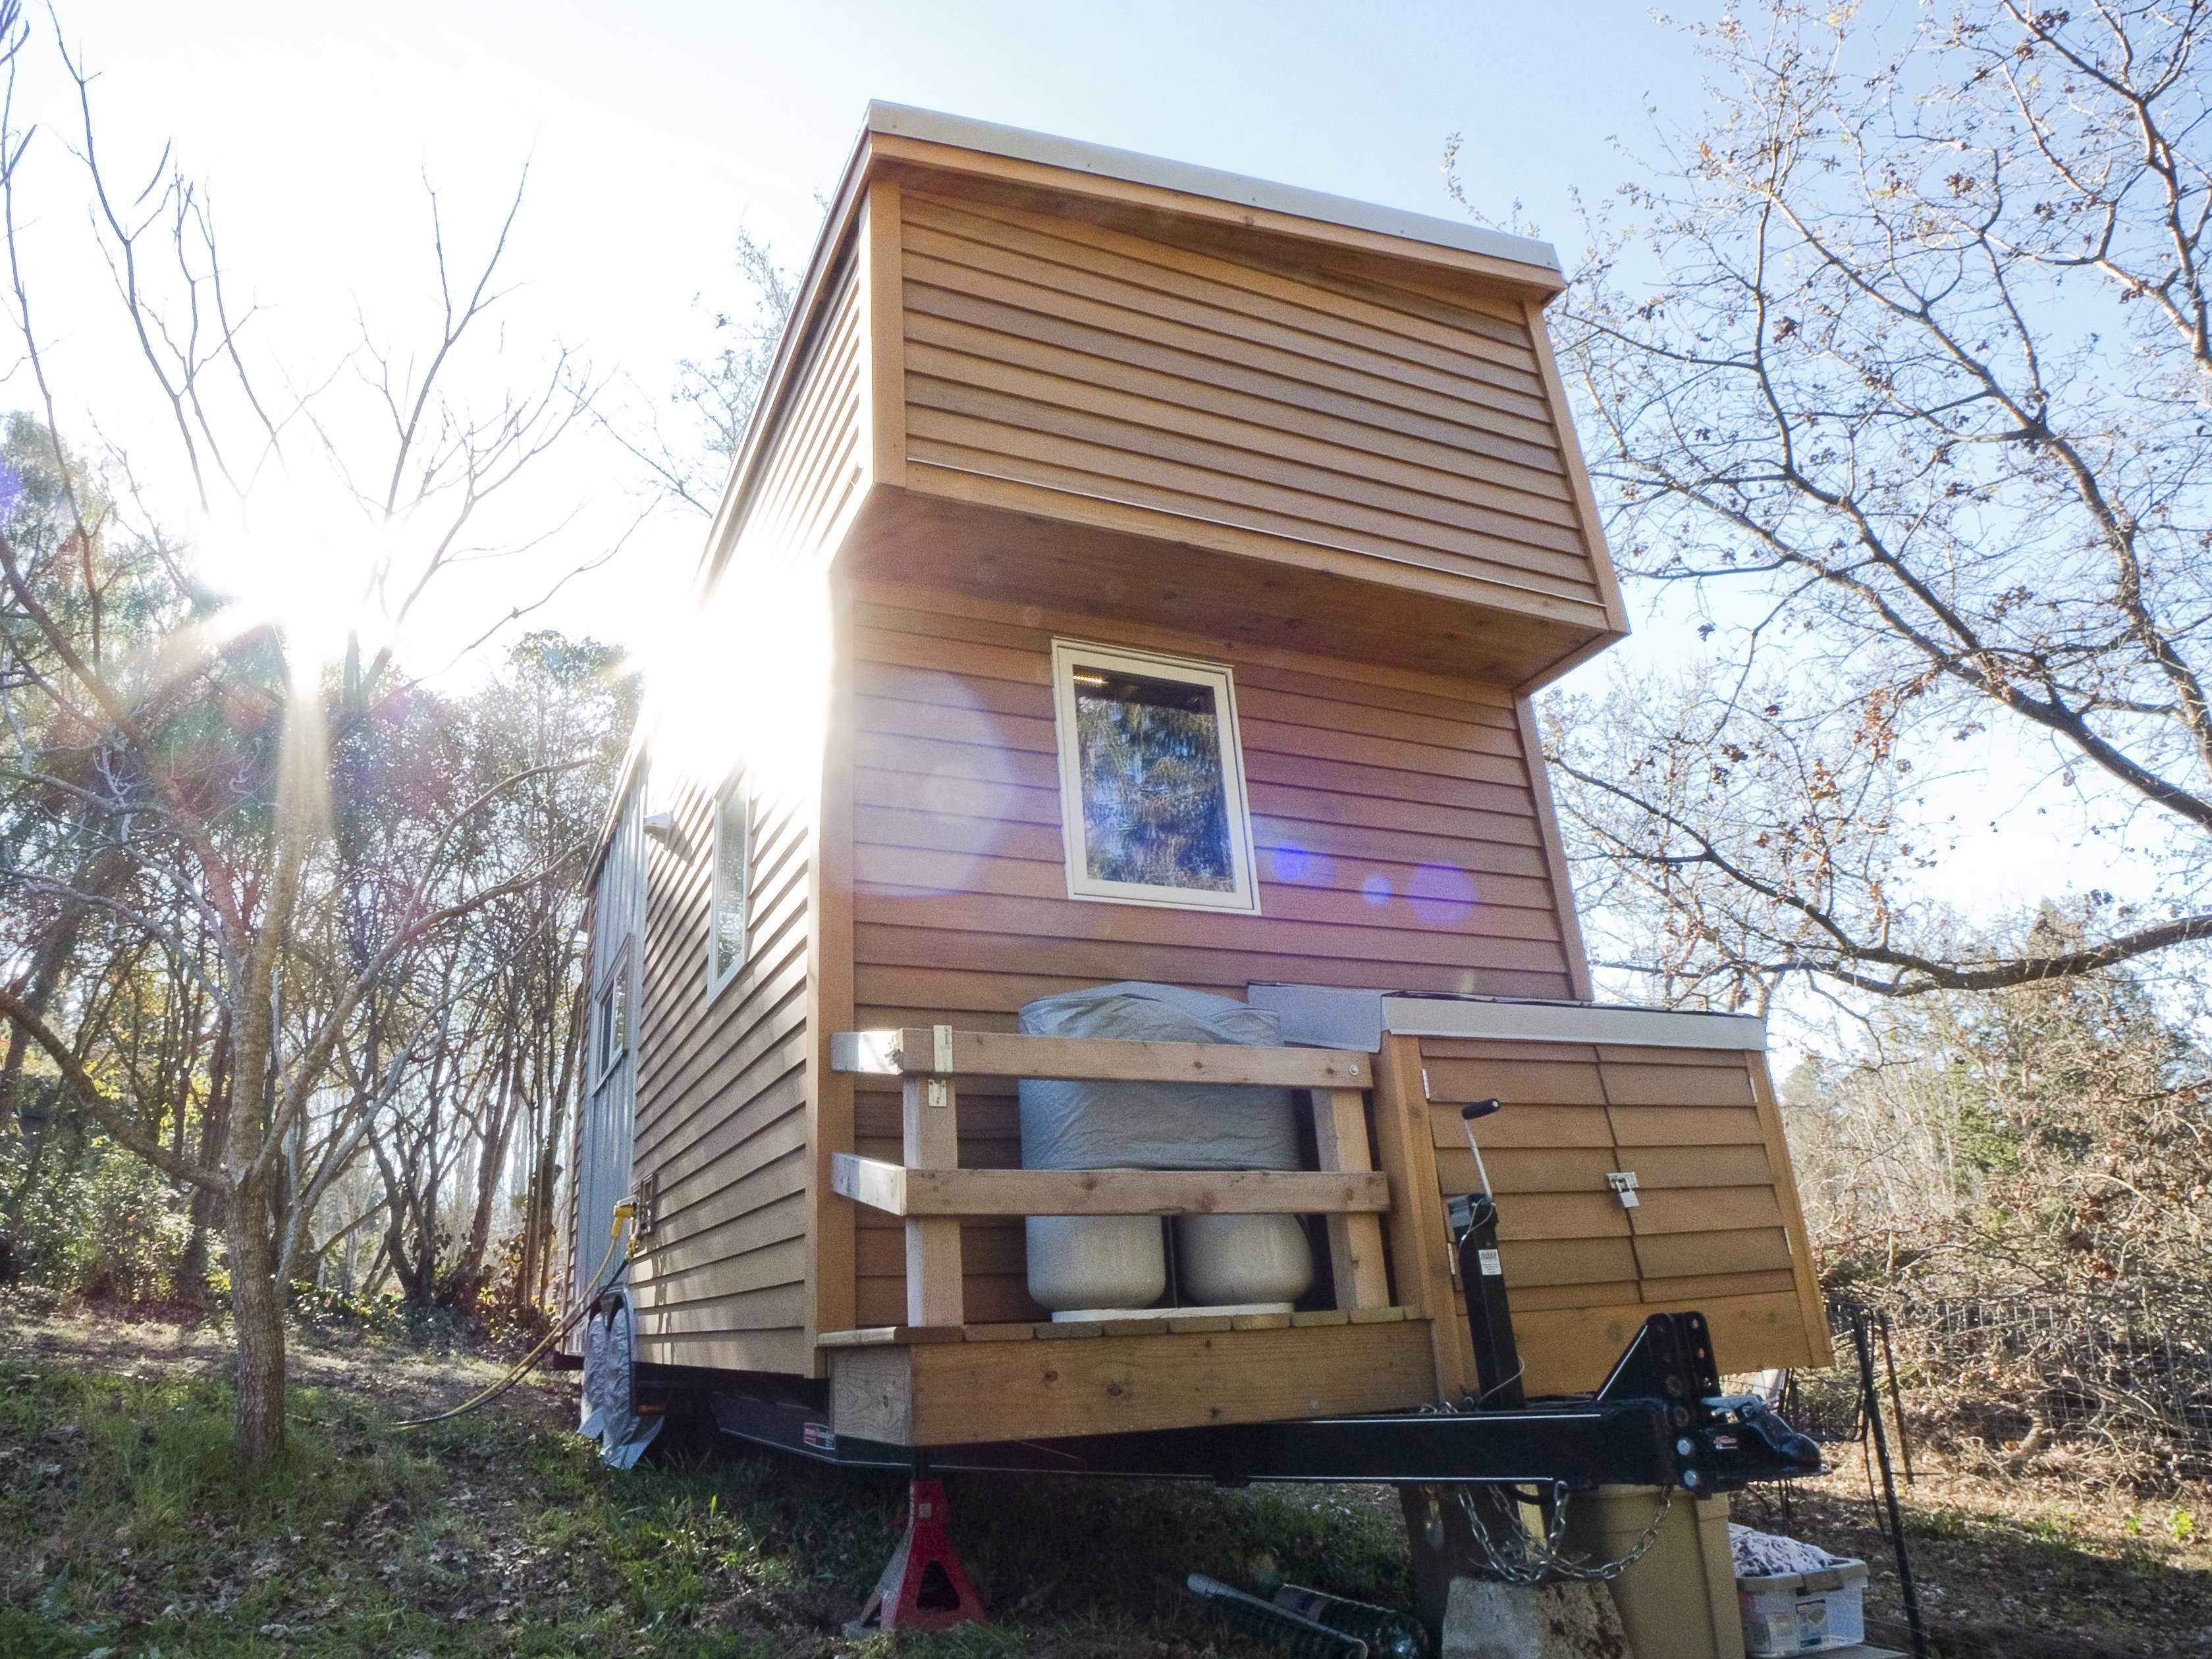 Alek Lisefski Tiny House a california couple built this portable 'tiny house' for